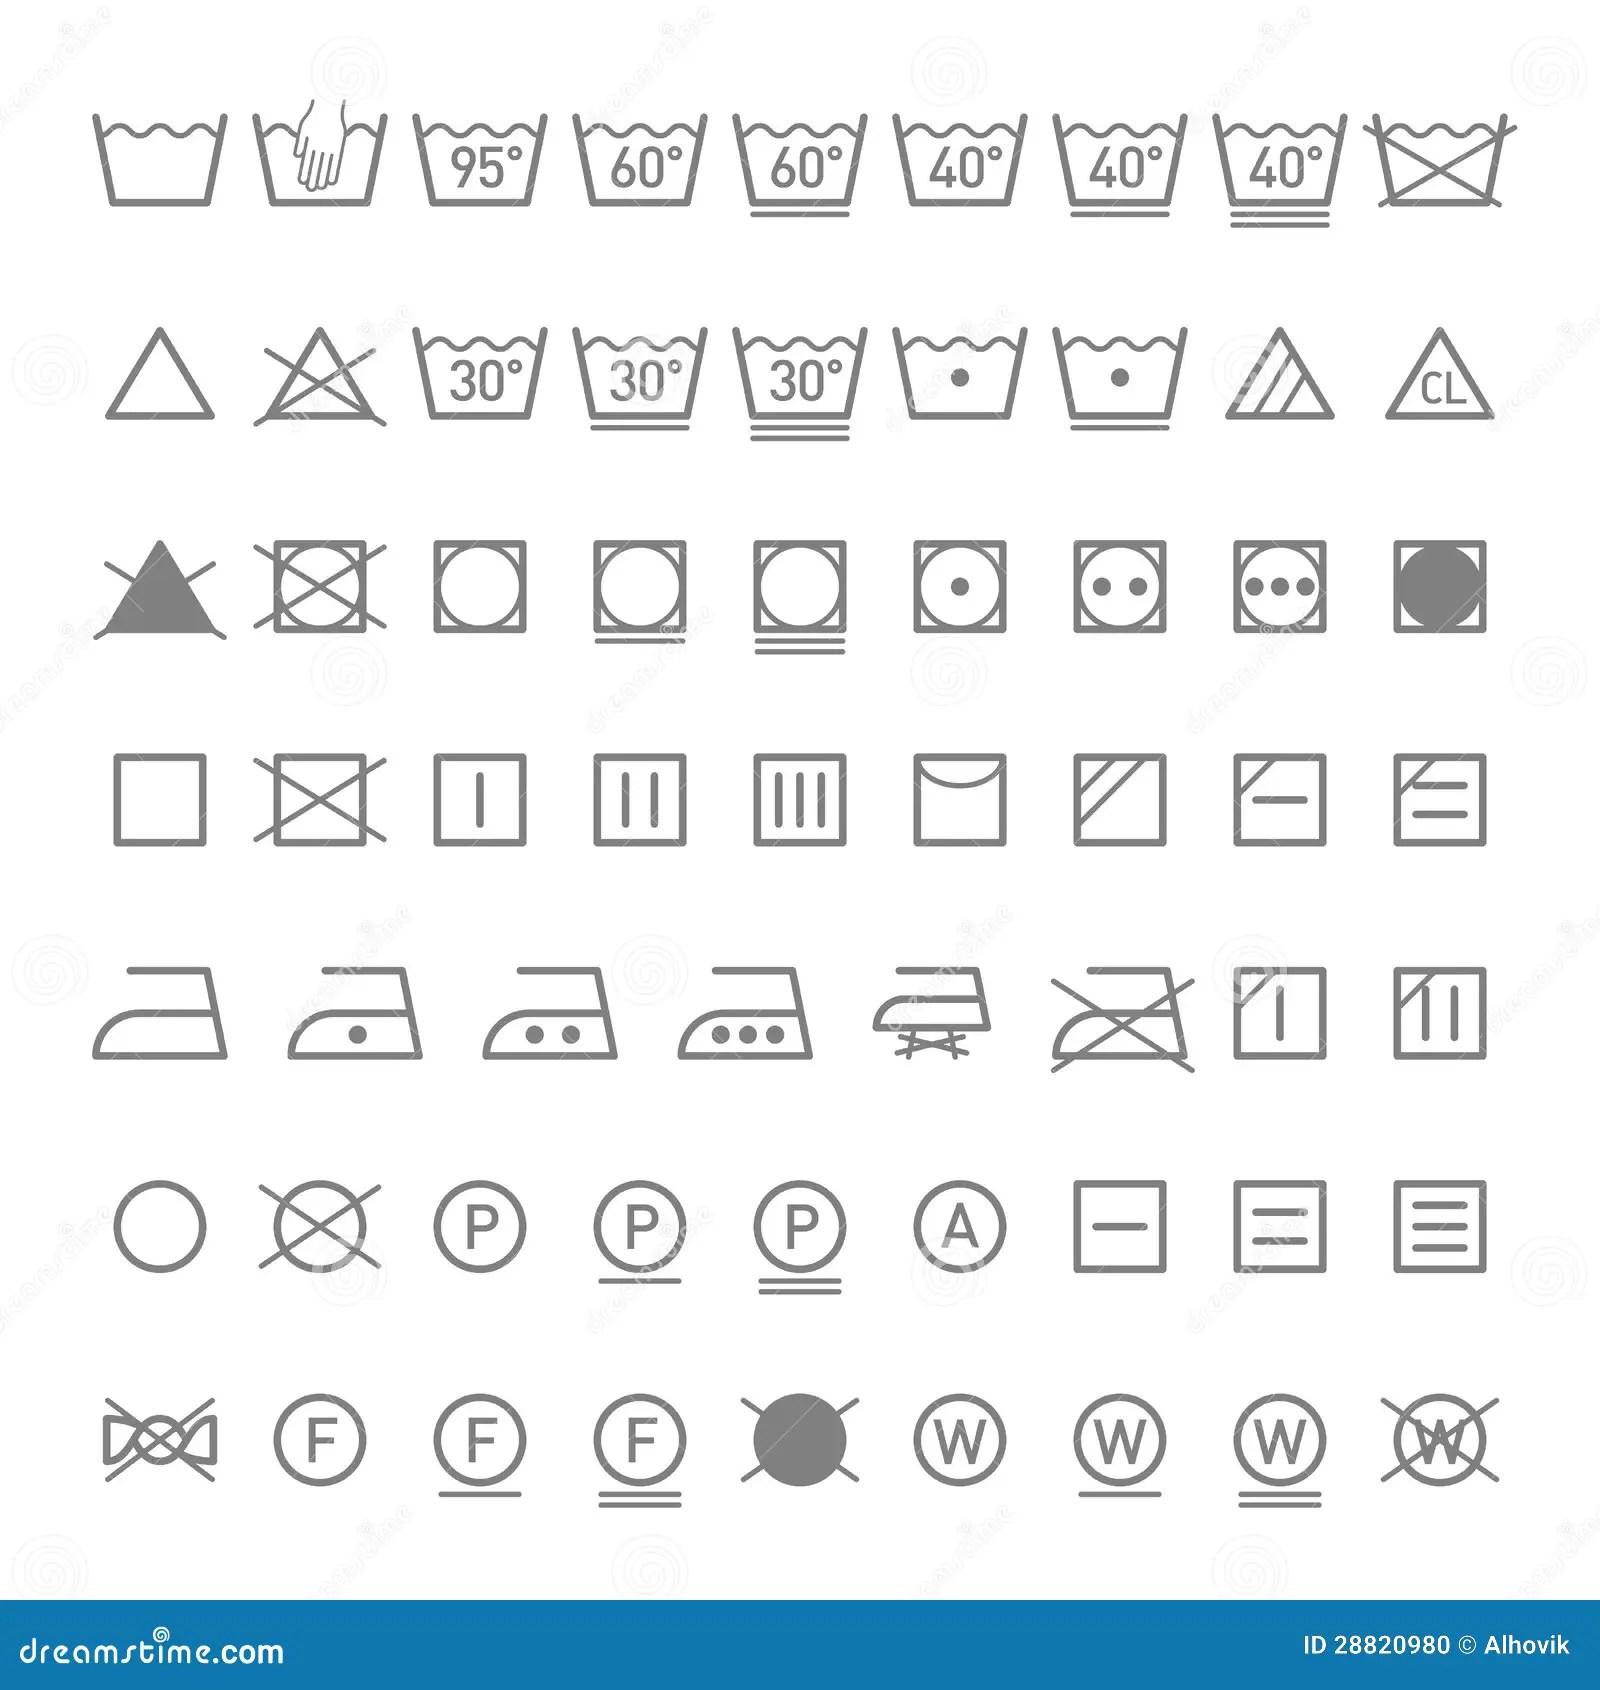 Care instruction symbols laundry care instruction symbols buycottarizona Gallery